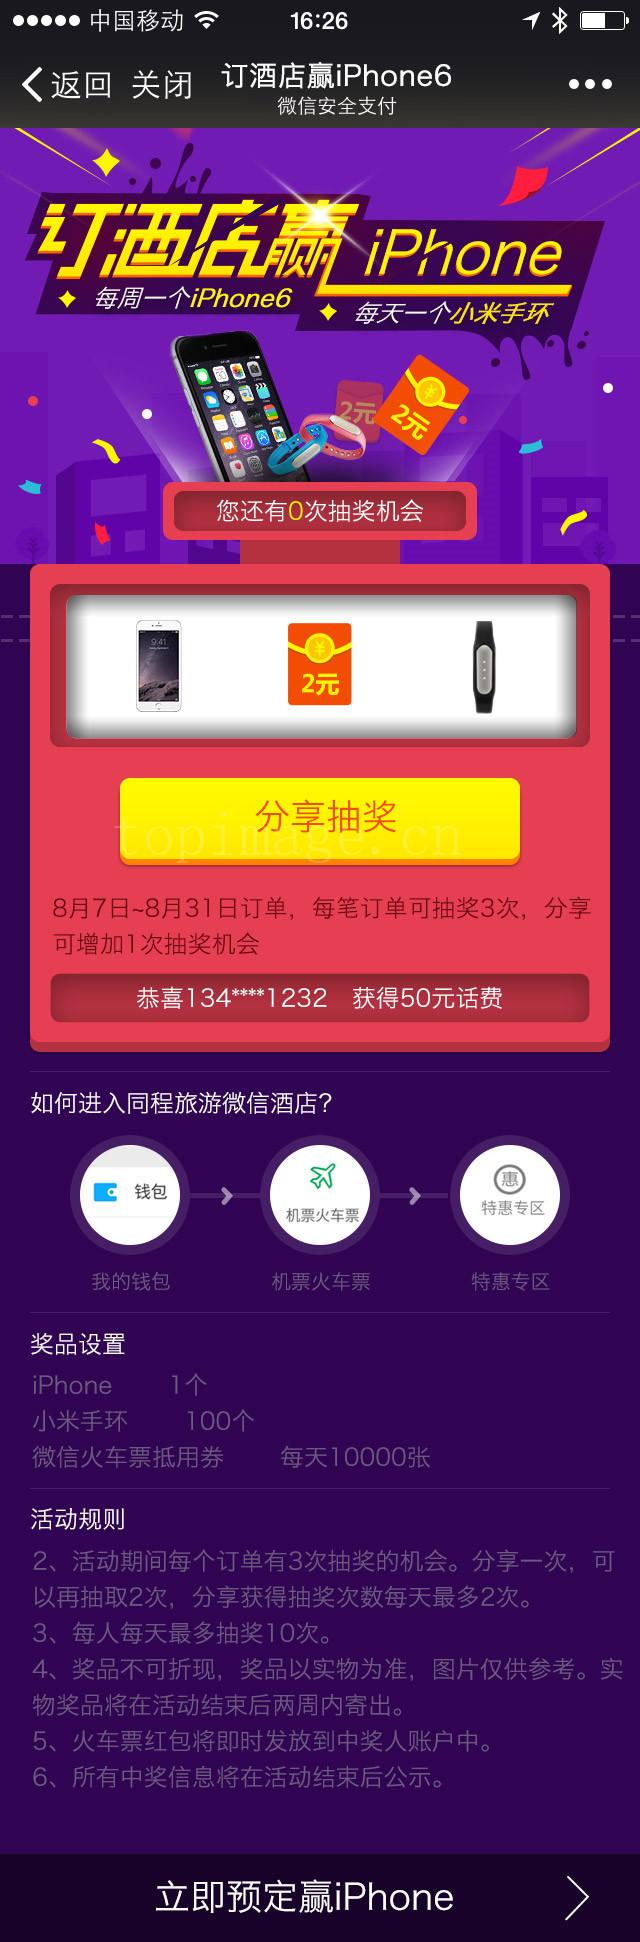 朋友圈抽奖活动抽iphone专题页面游戏源文件下载